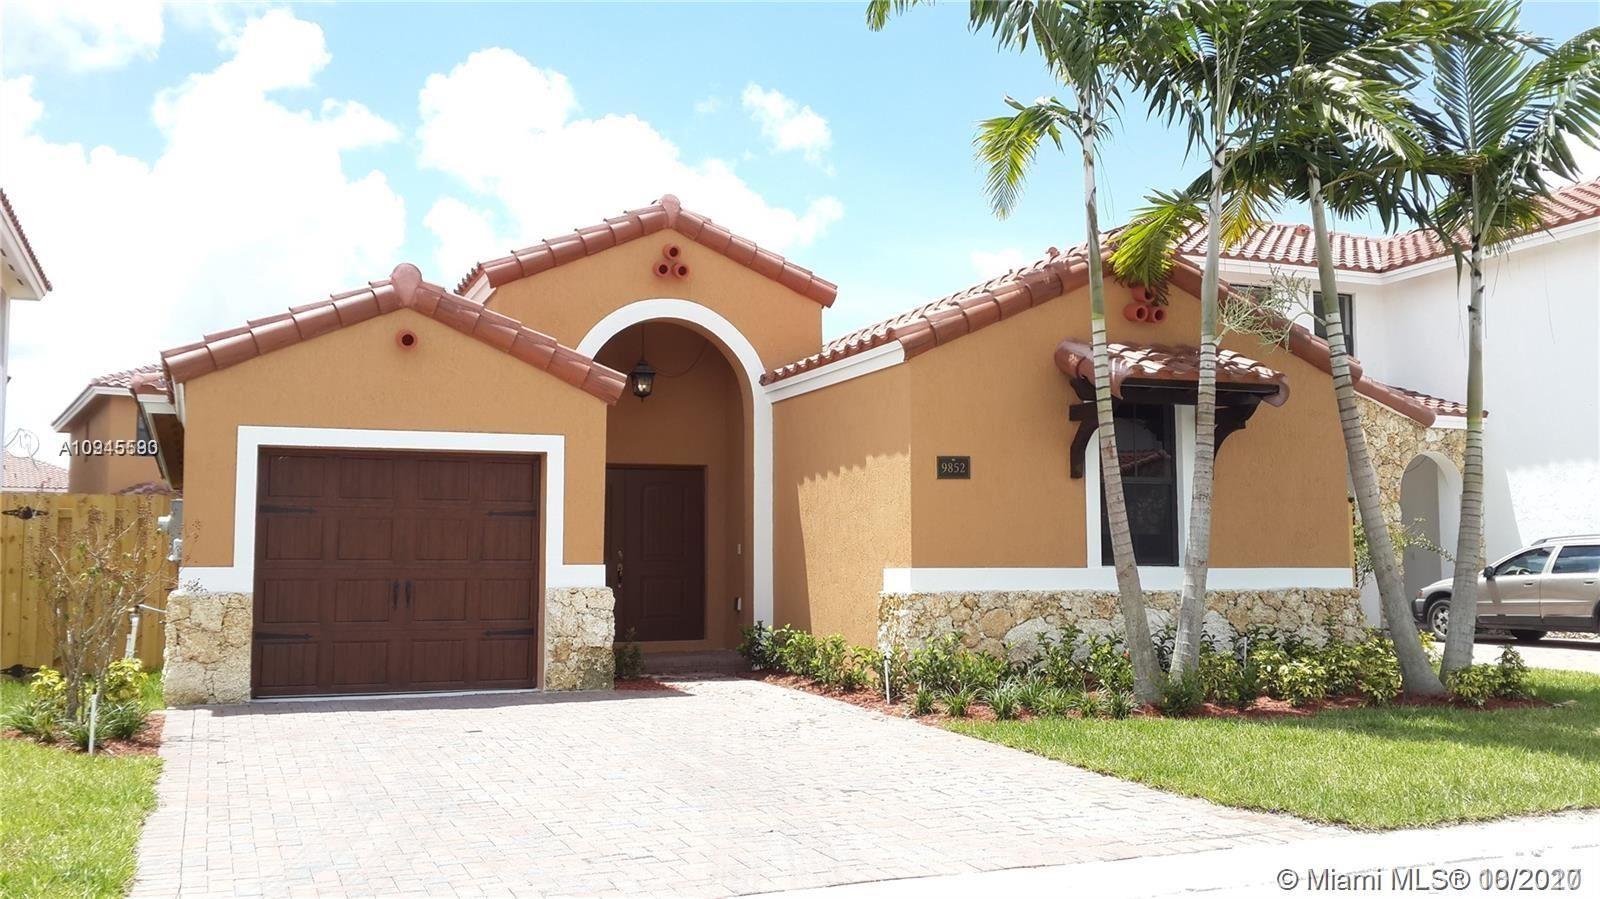 9852 NW 10 TER, Miami, FL 33172 - #: A10945590